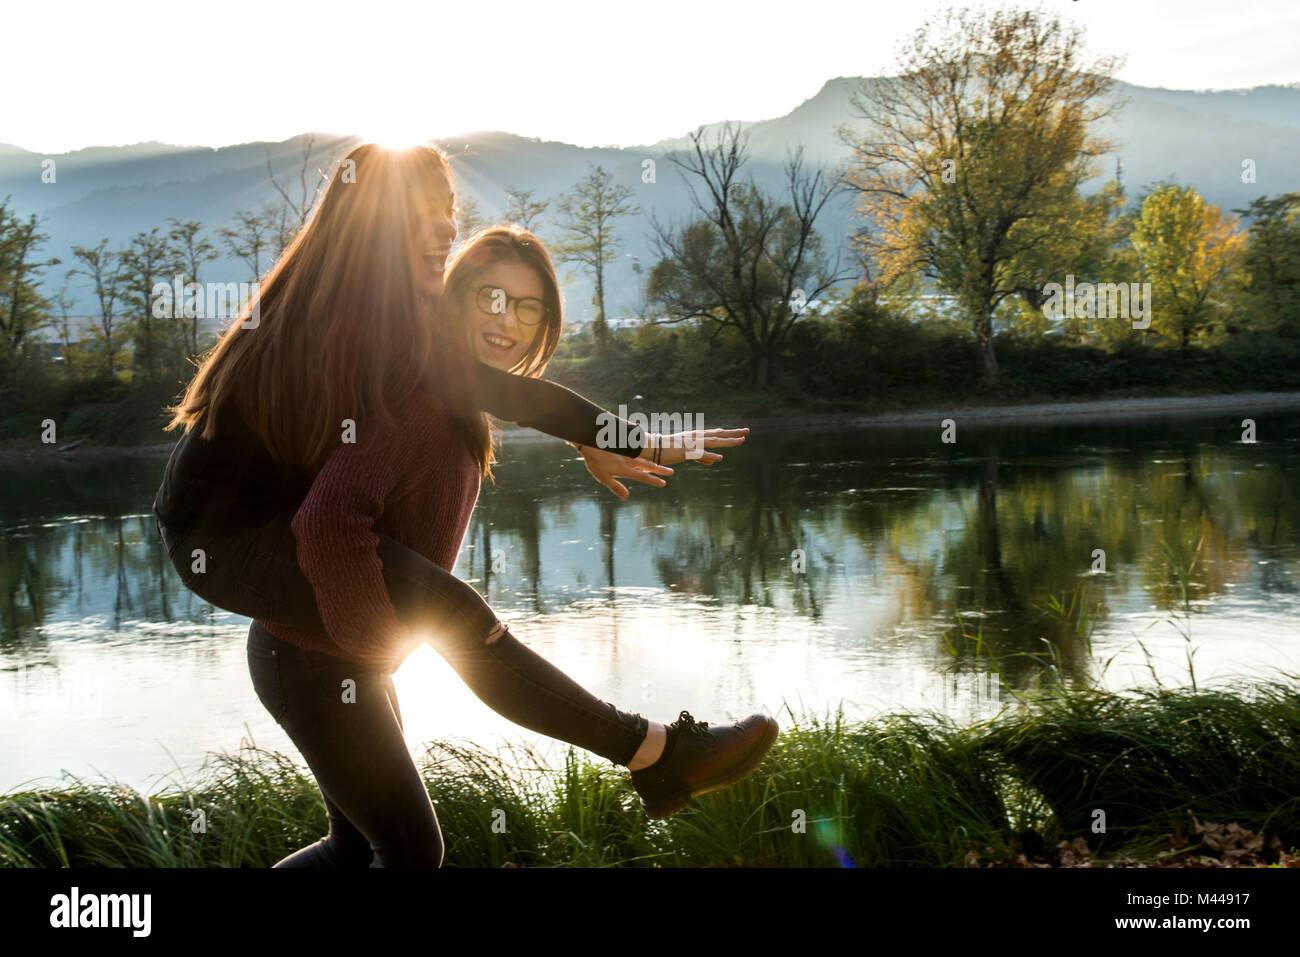 Giovane donna dando migliore amico piggy back sul lungofiume, Calolziocorte, Lombardia, Italia Immagini Stock